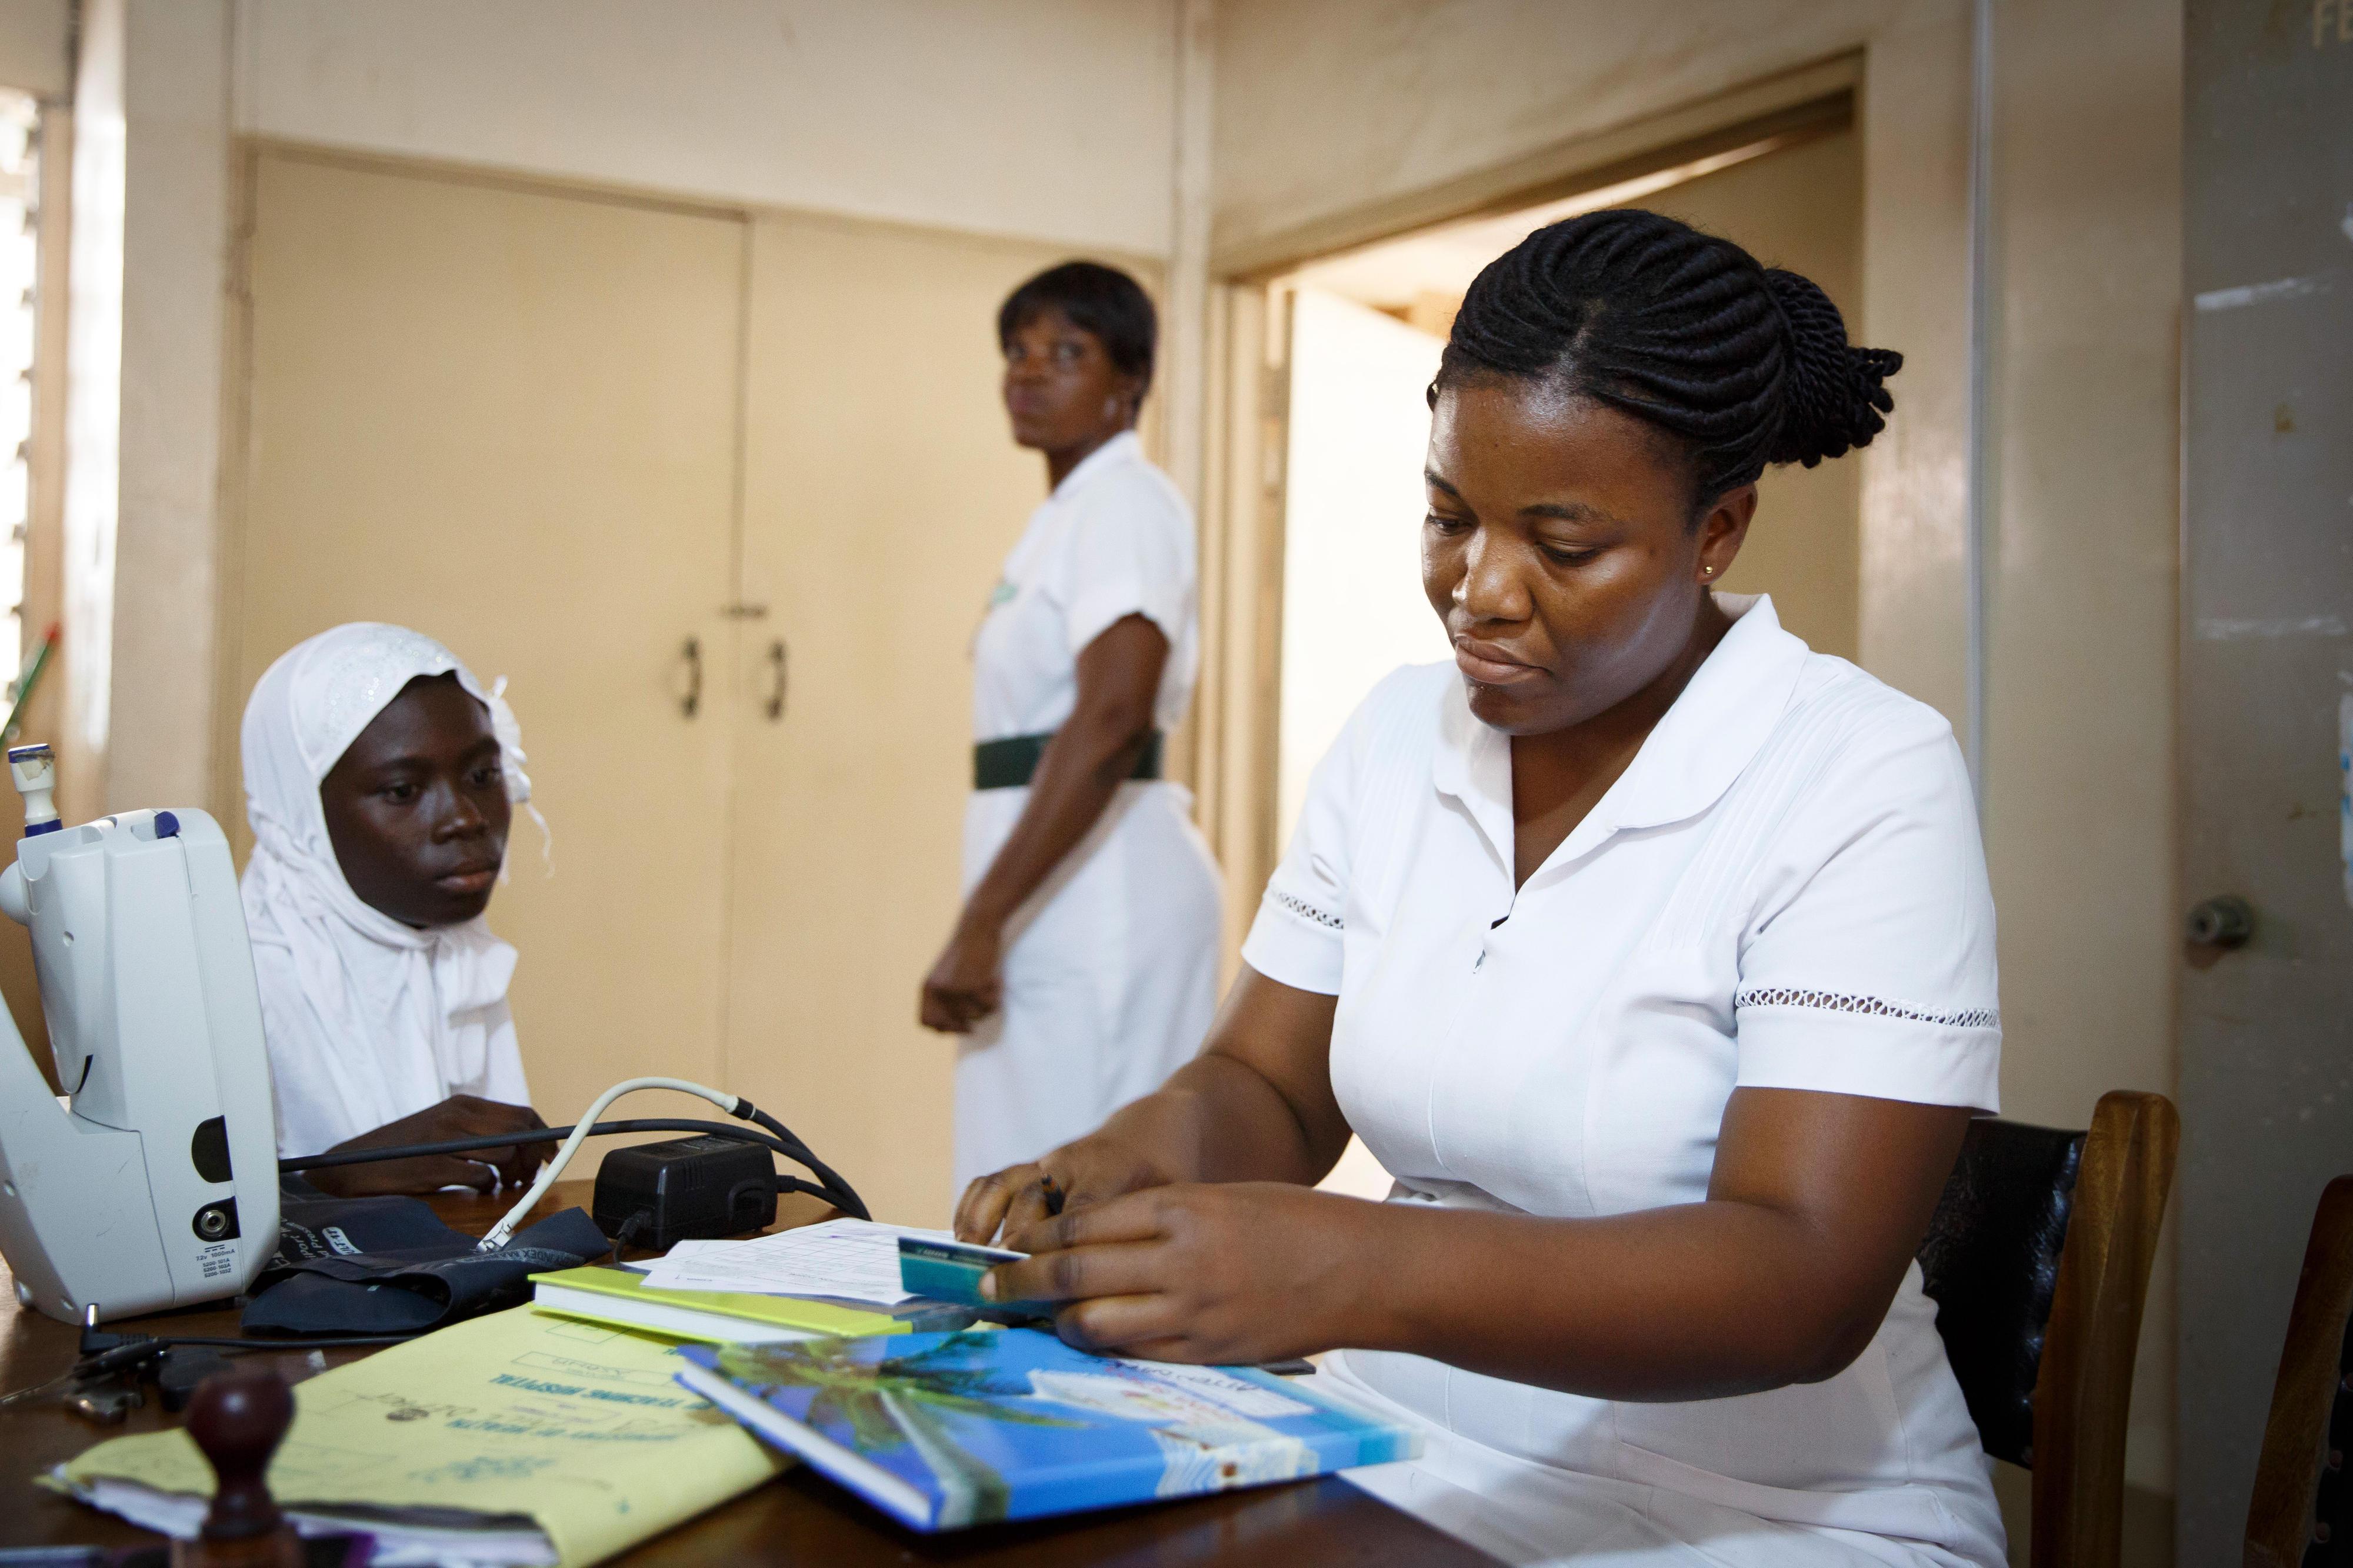 Die Daten einer Patientin werden in der Universitätsklinik in Accra, Ghana, aufgenommen.